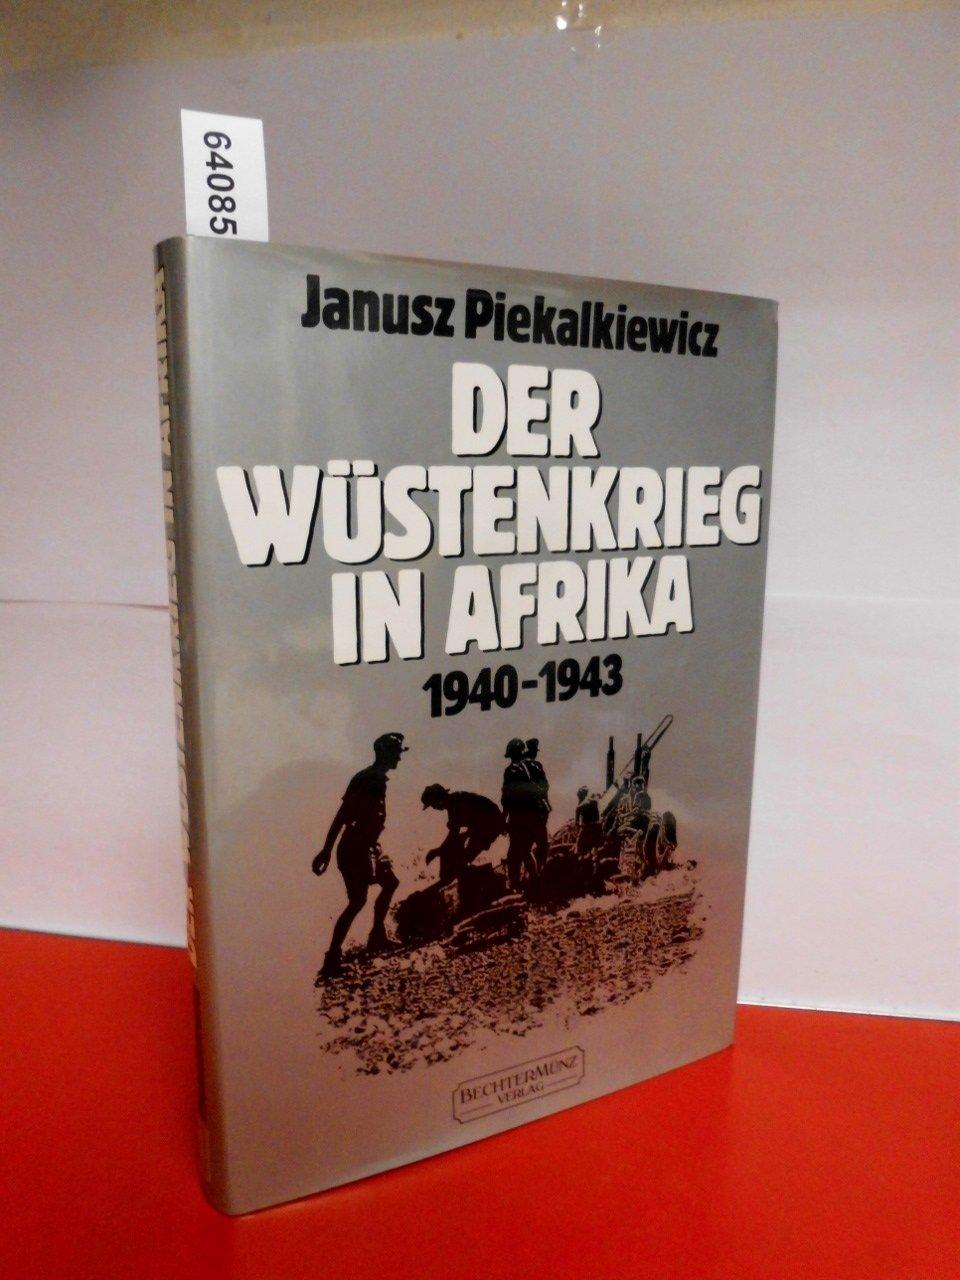 der-wstenkrieg-in-afrika-1940-1943